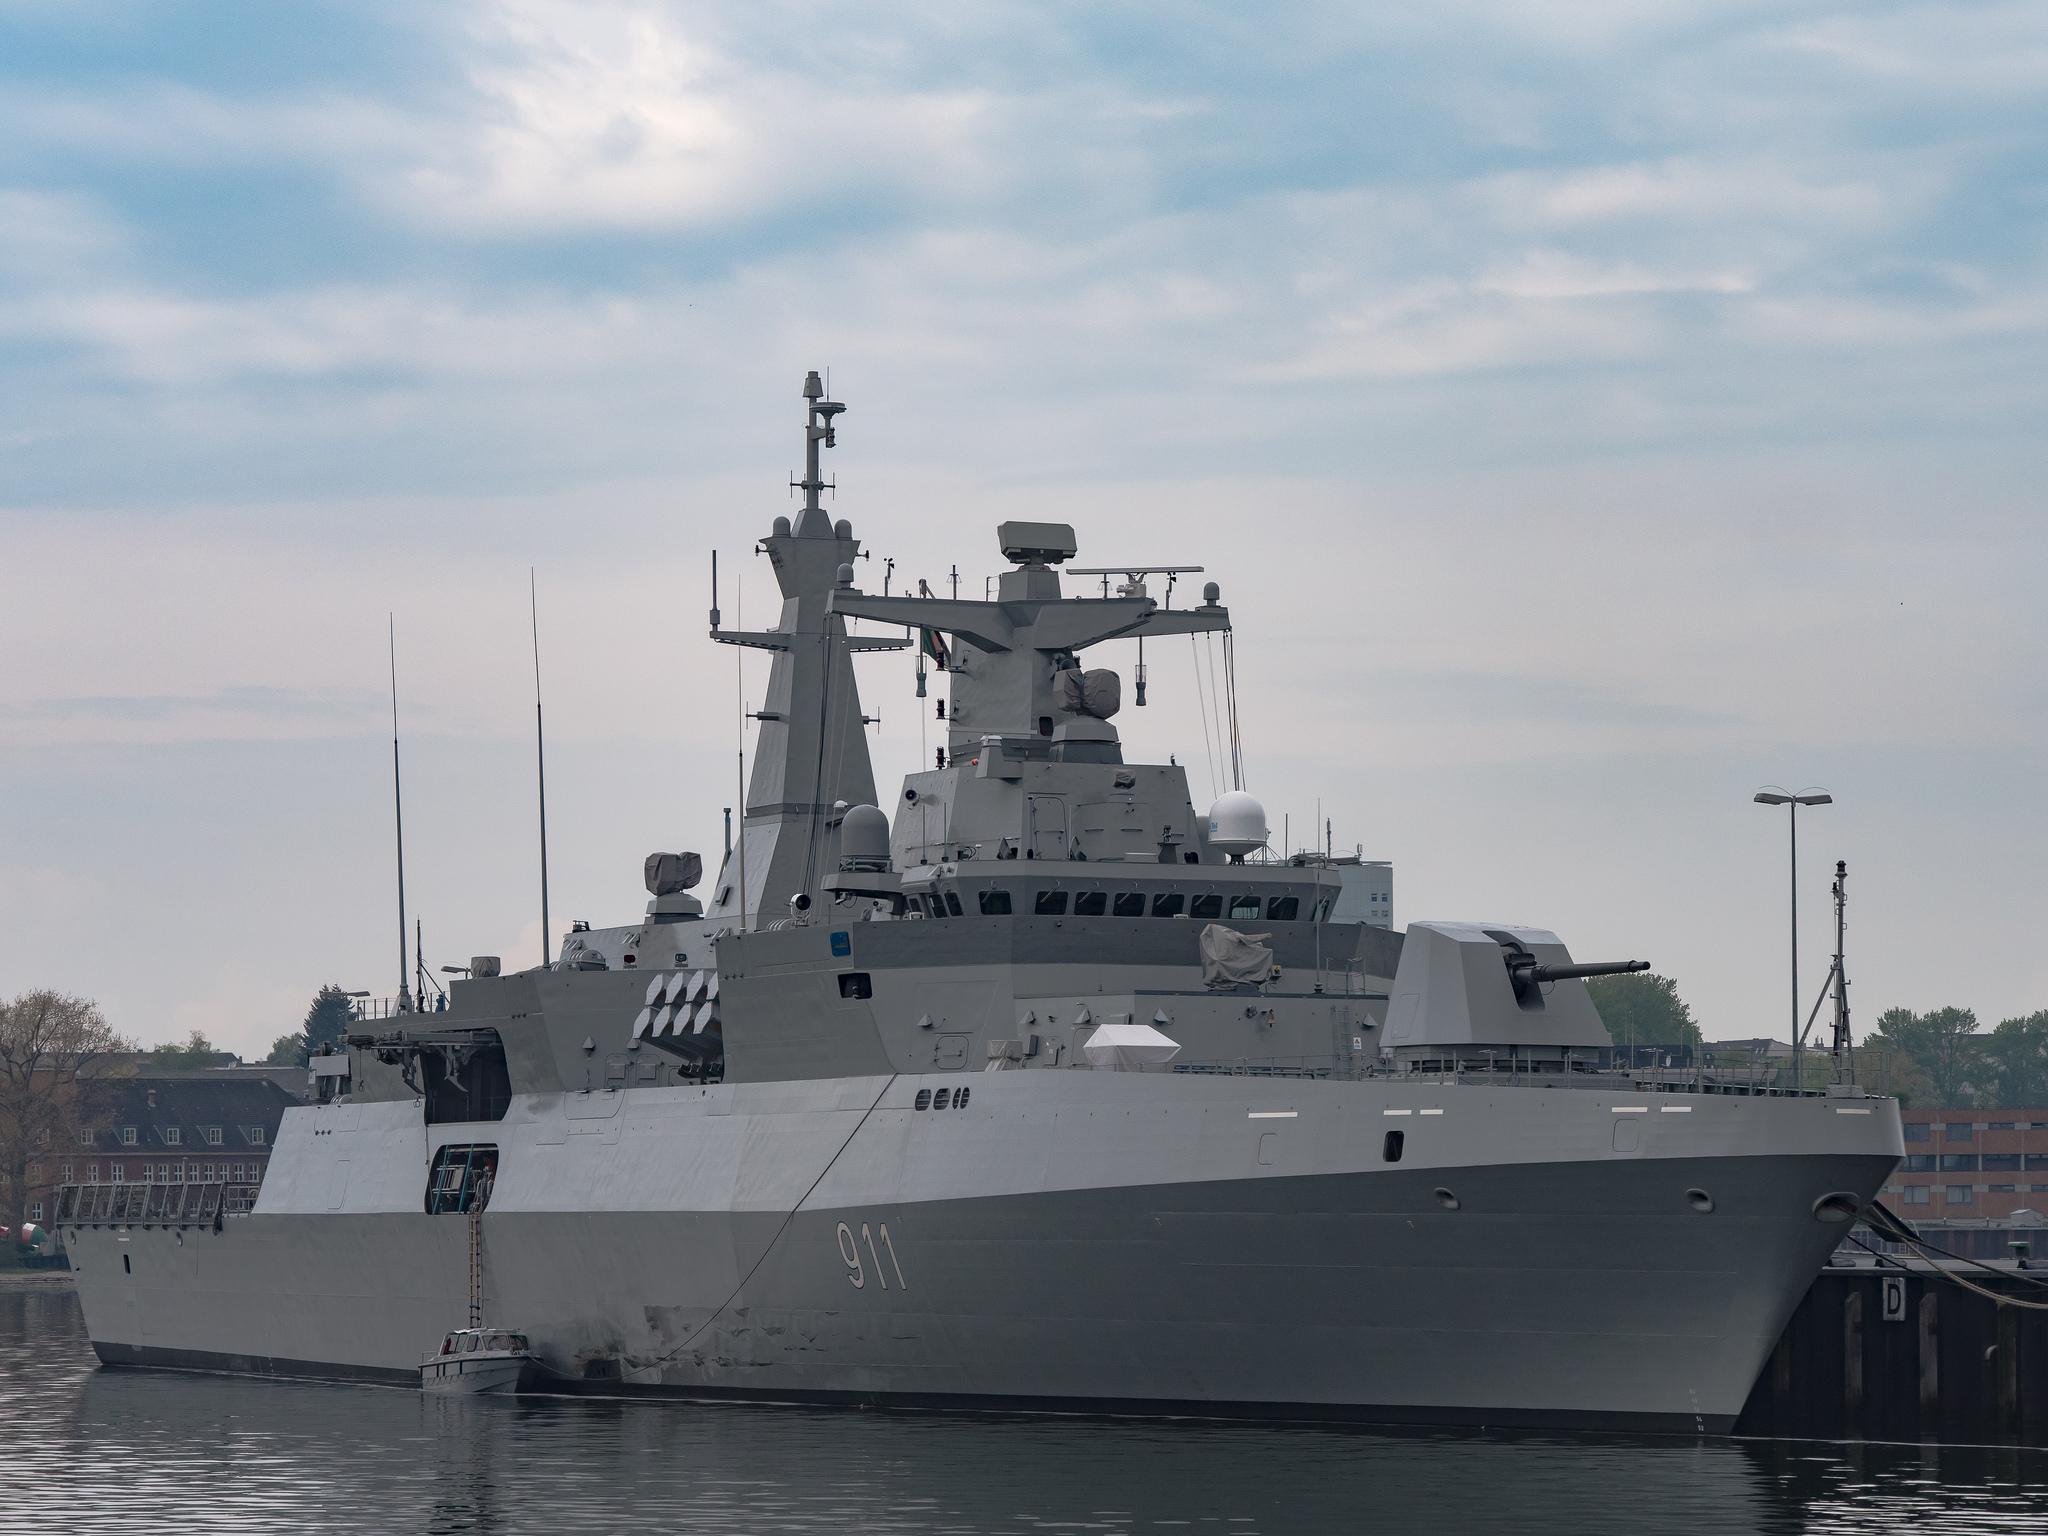 Утвержден контракт на постройку в Германии для Египта фрегатов проекта МЕКО А200